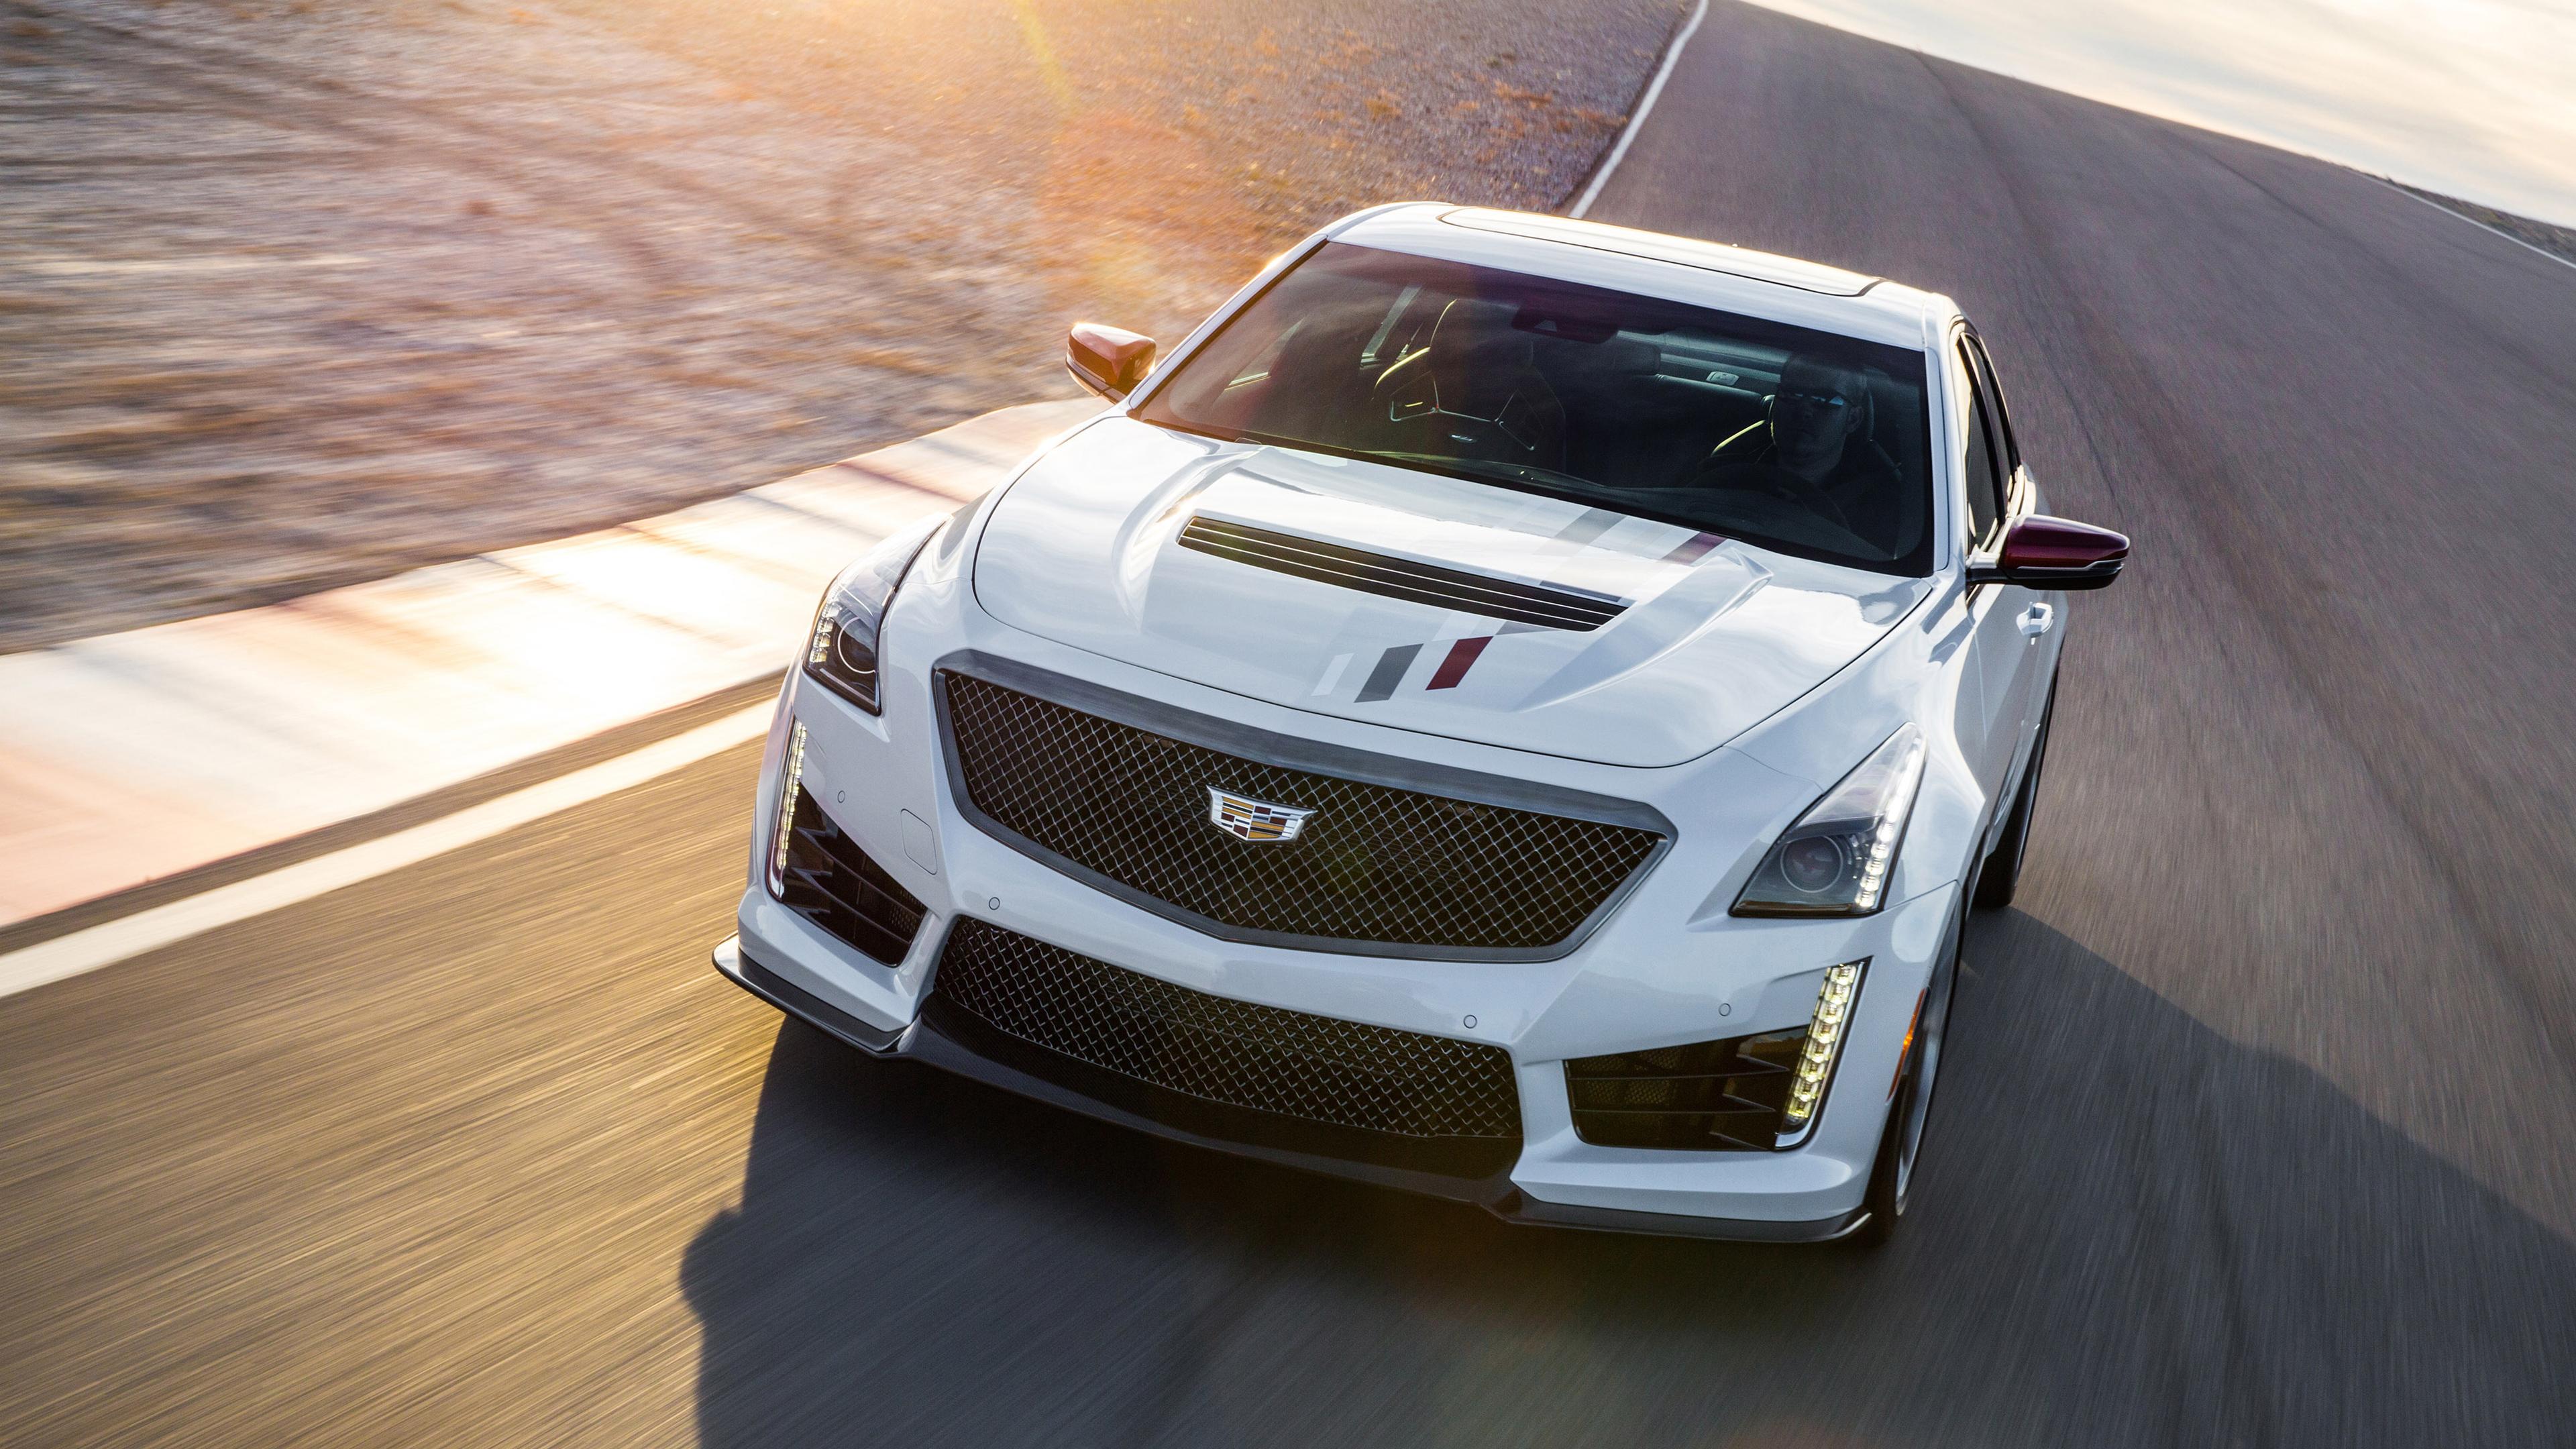 2018 Cadillac CTS V Championship Edition 4K Wallpaper   HD ...